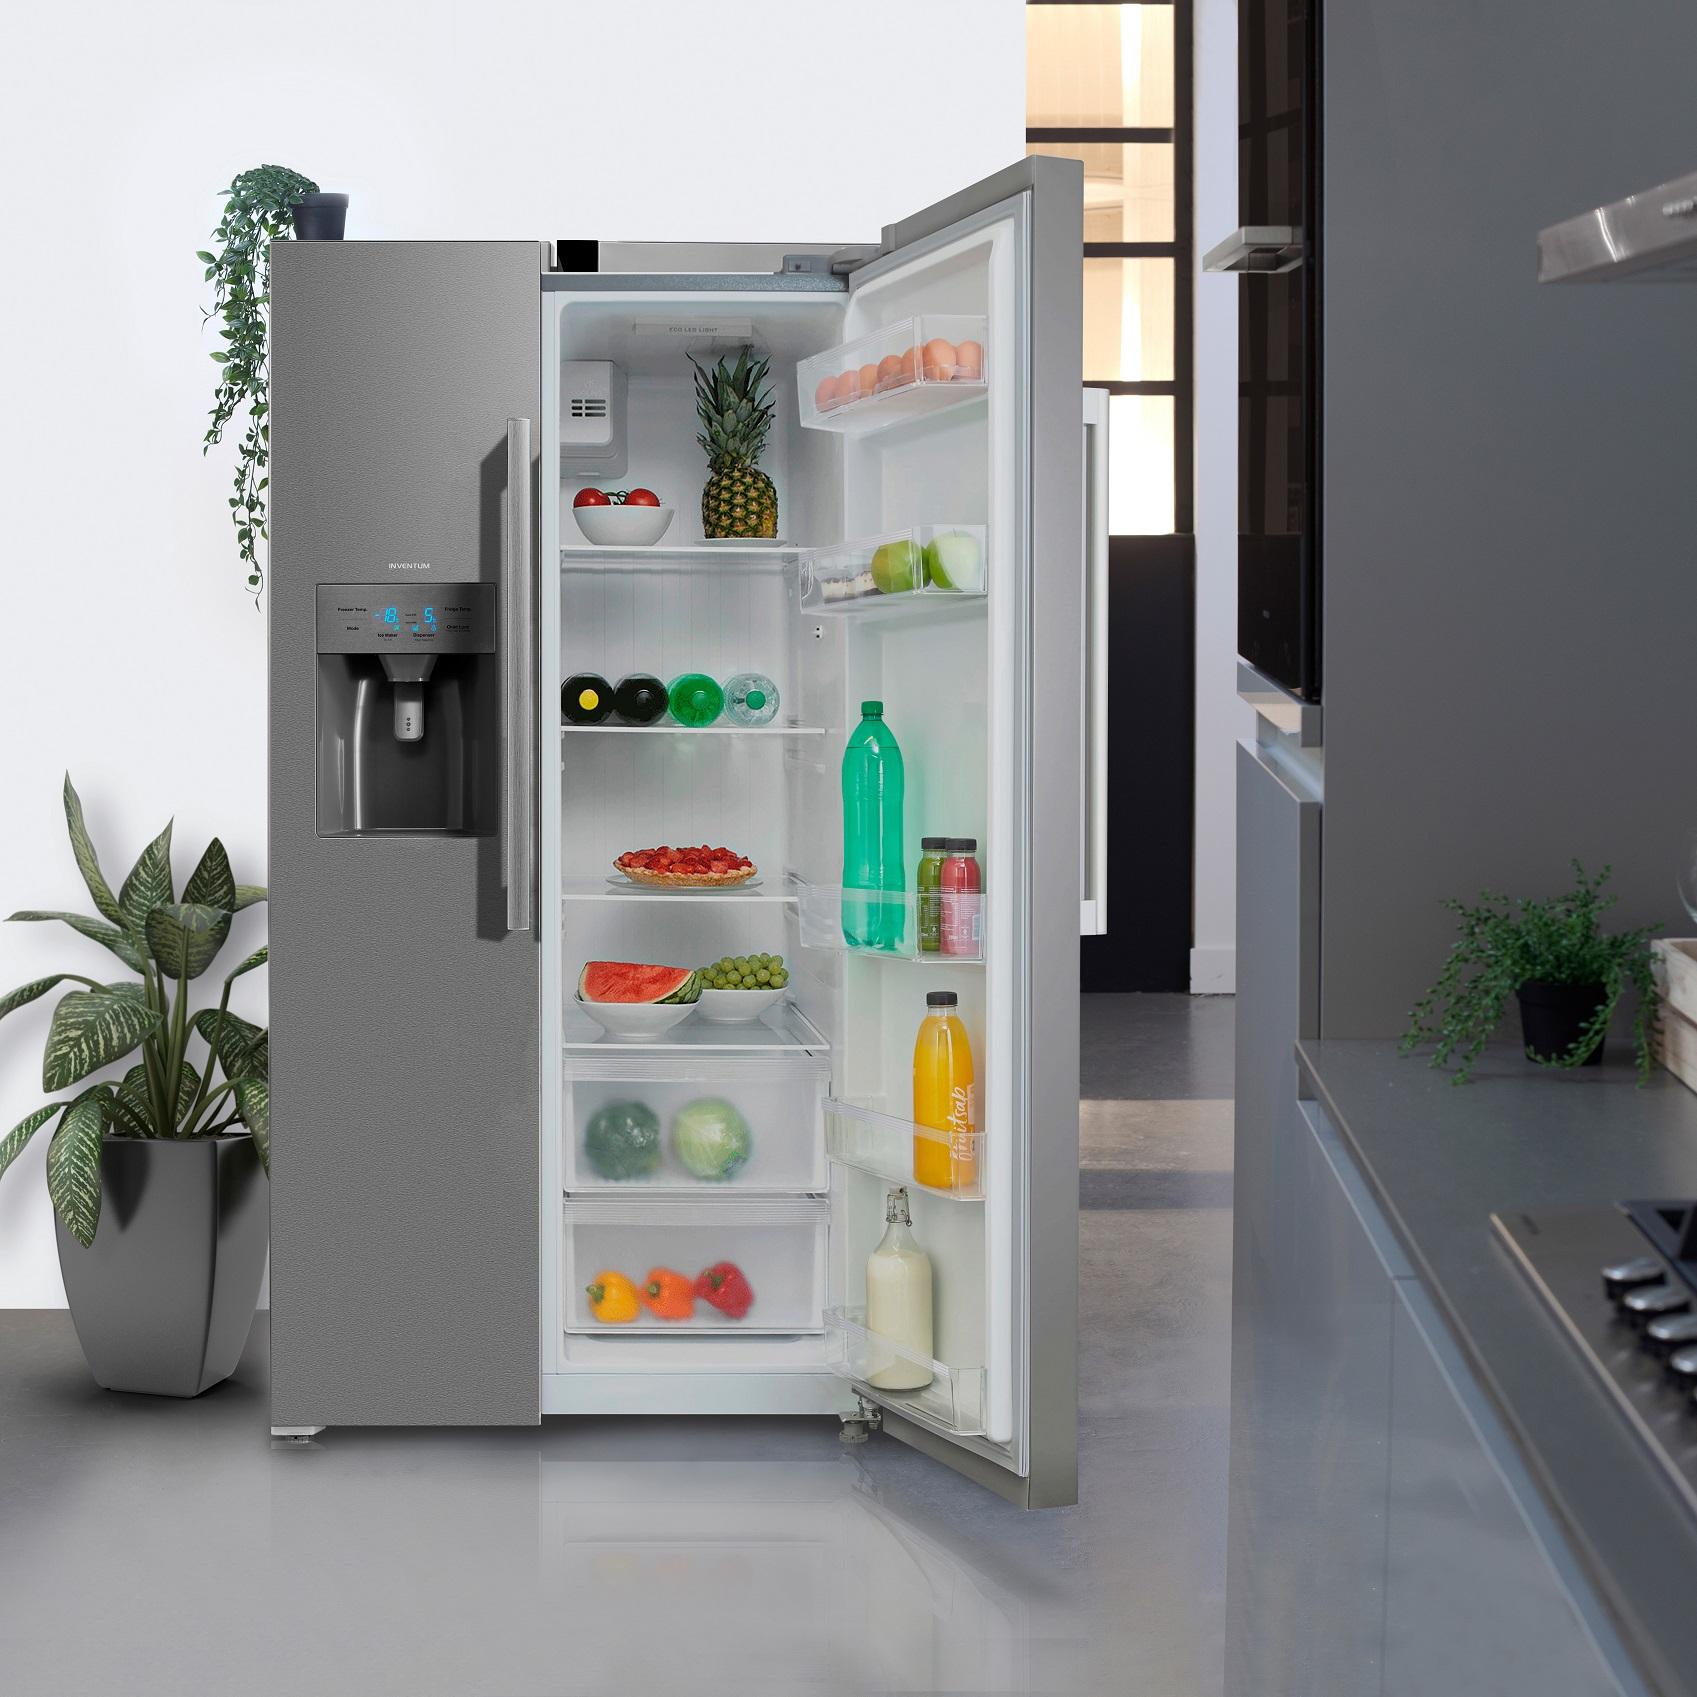 Riante Amerikaanse koelkasten | Inventum